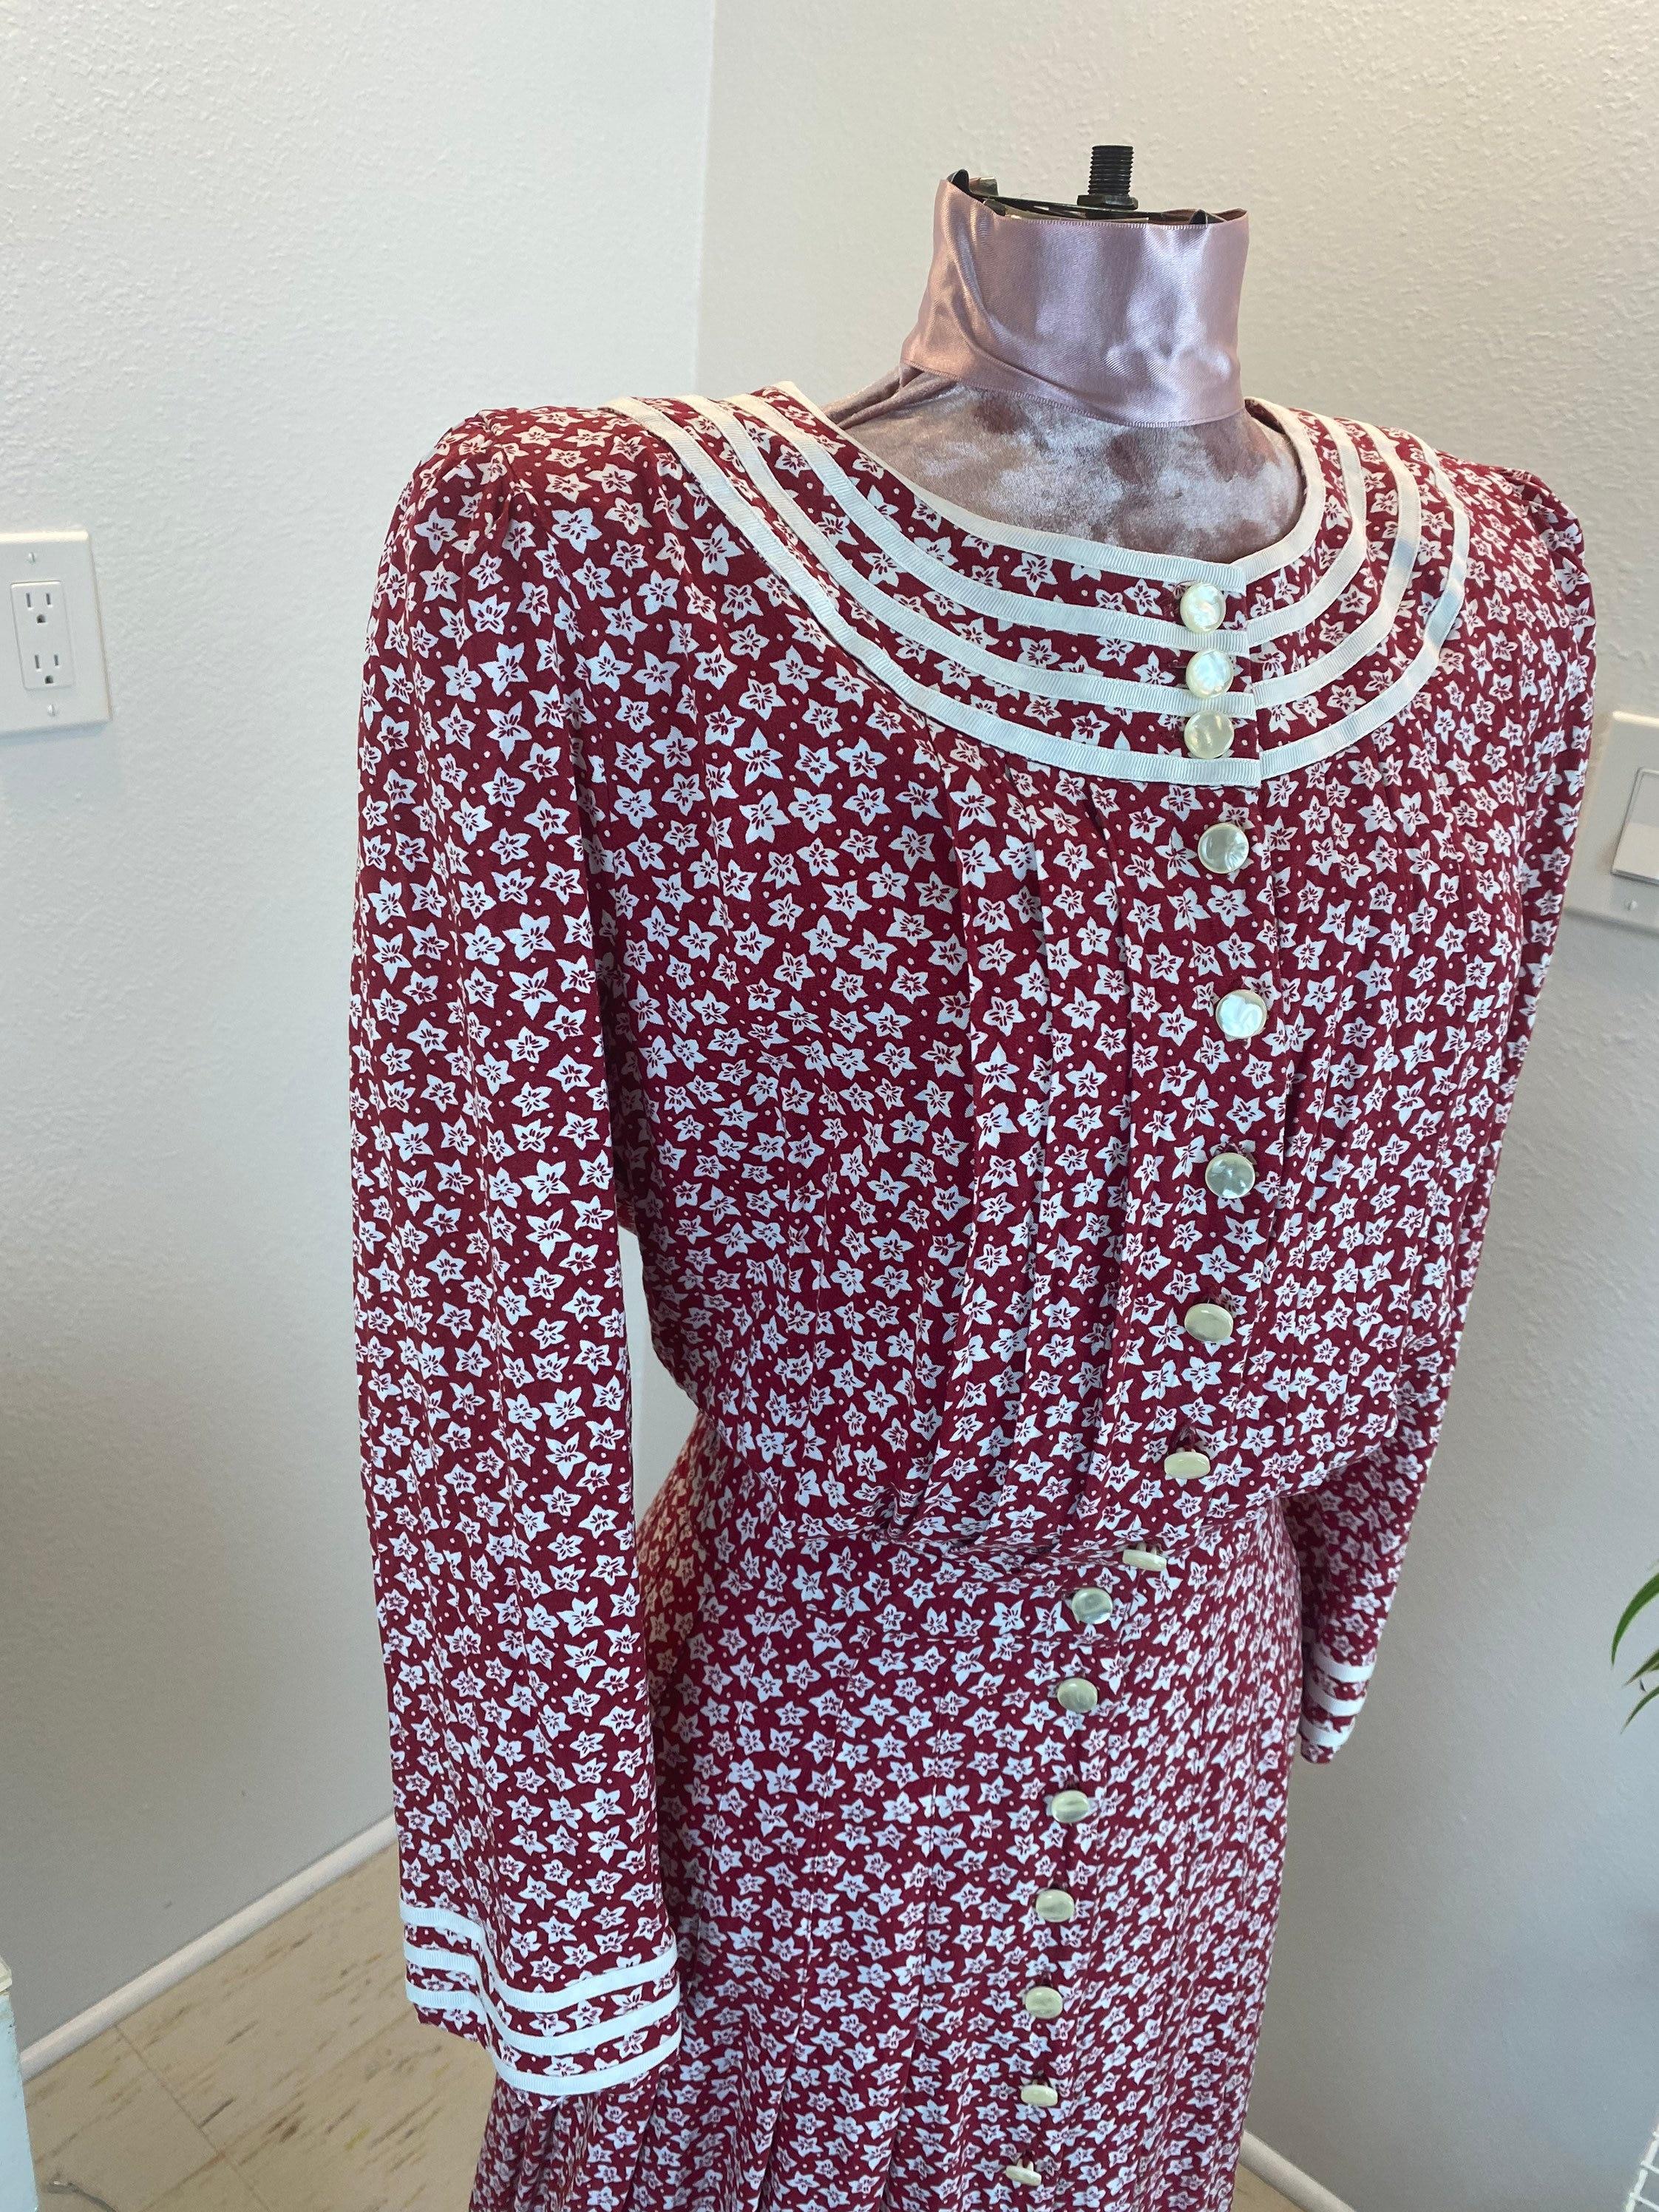 80s Dresses   Casual to Party Dresses Vintage 1980s Dress Red Floral $30.00 AT vintagedancer.com